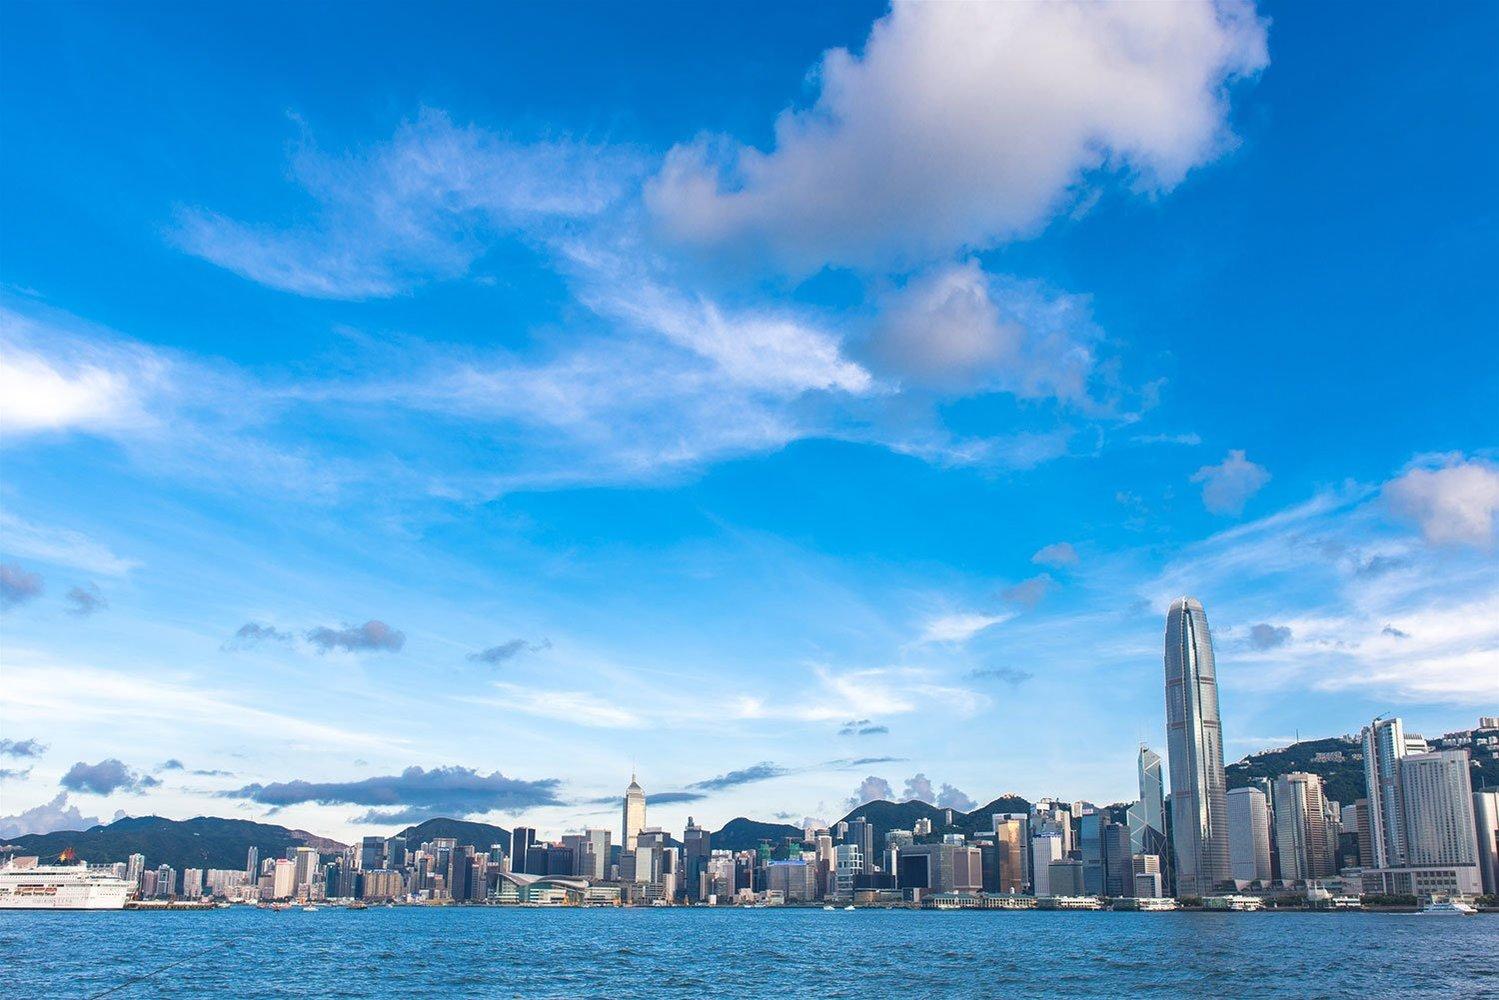 Explore Hong Kong, Macau and South China  with us!